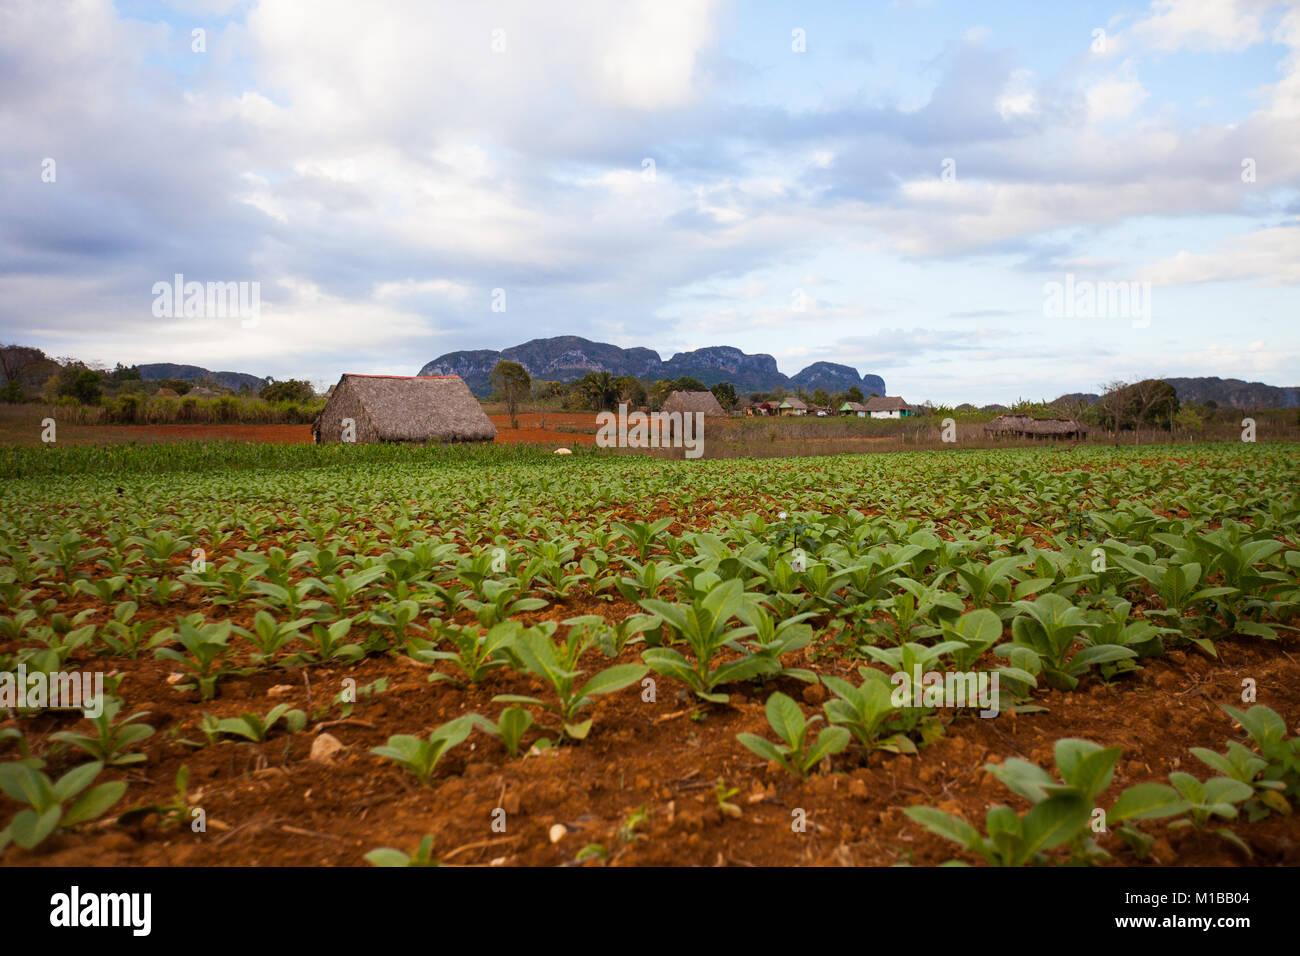 Tobacco Farm - Stock Image